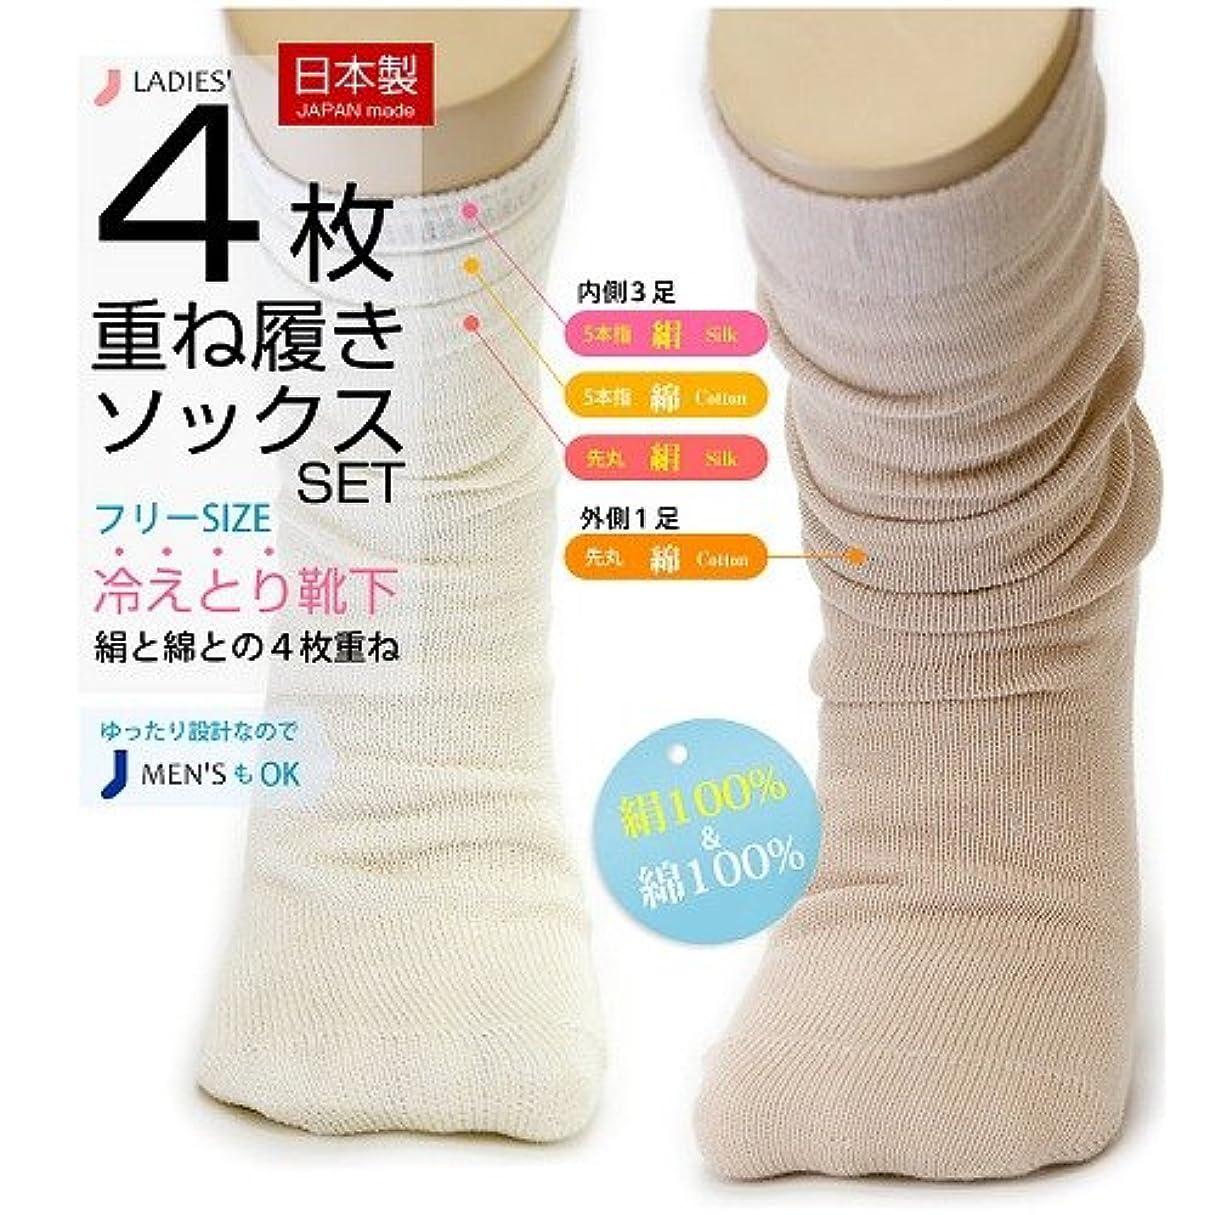 定義する神聖奨励します冷え取り靴下 綿100%とシルク100% 最高級の日本製 4枚重ね履きセット(外側チャコール)